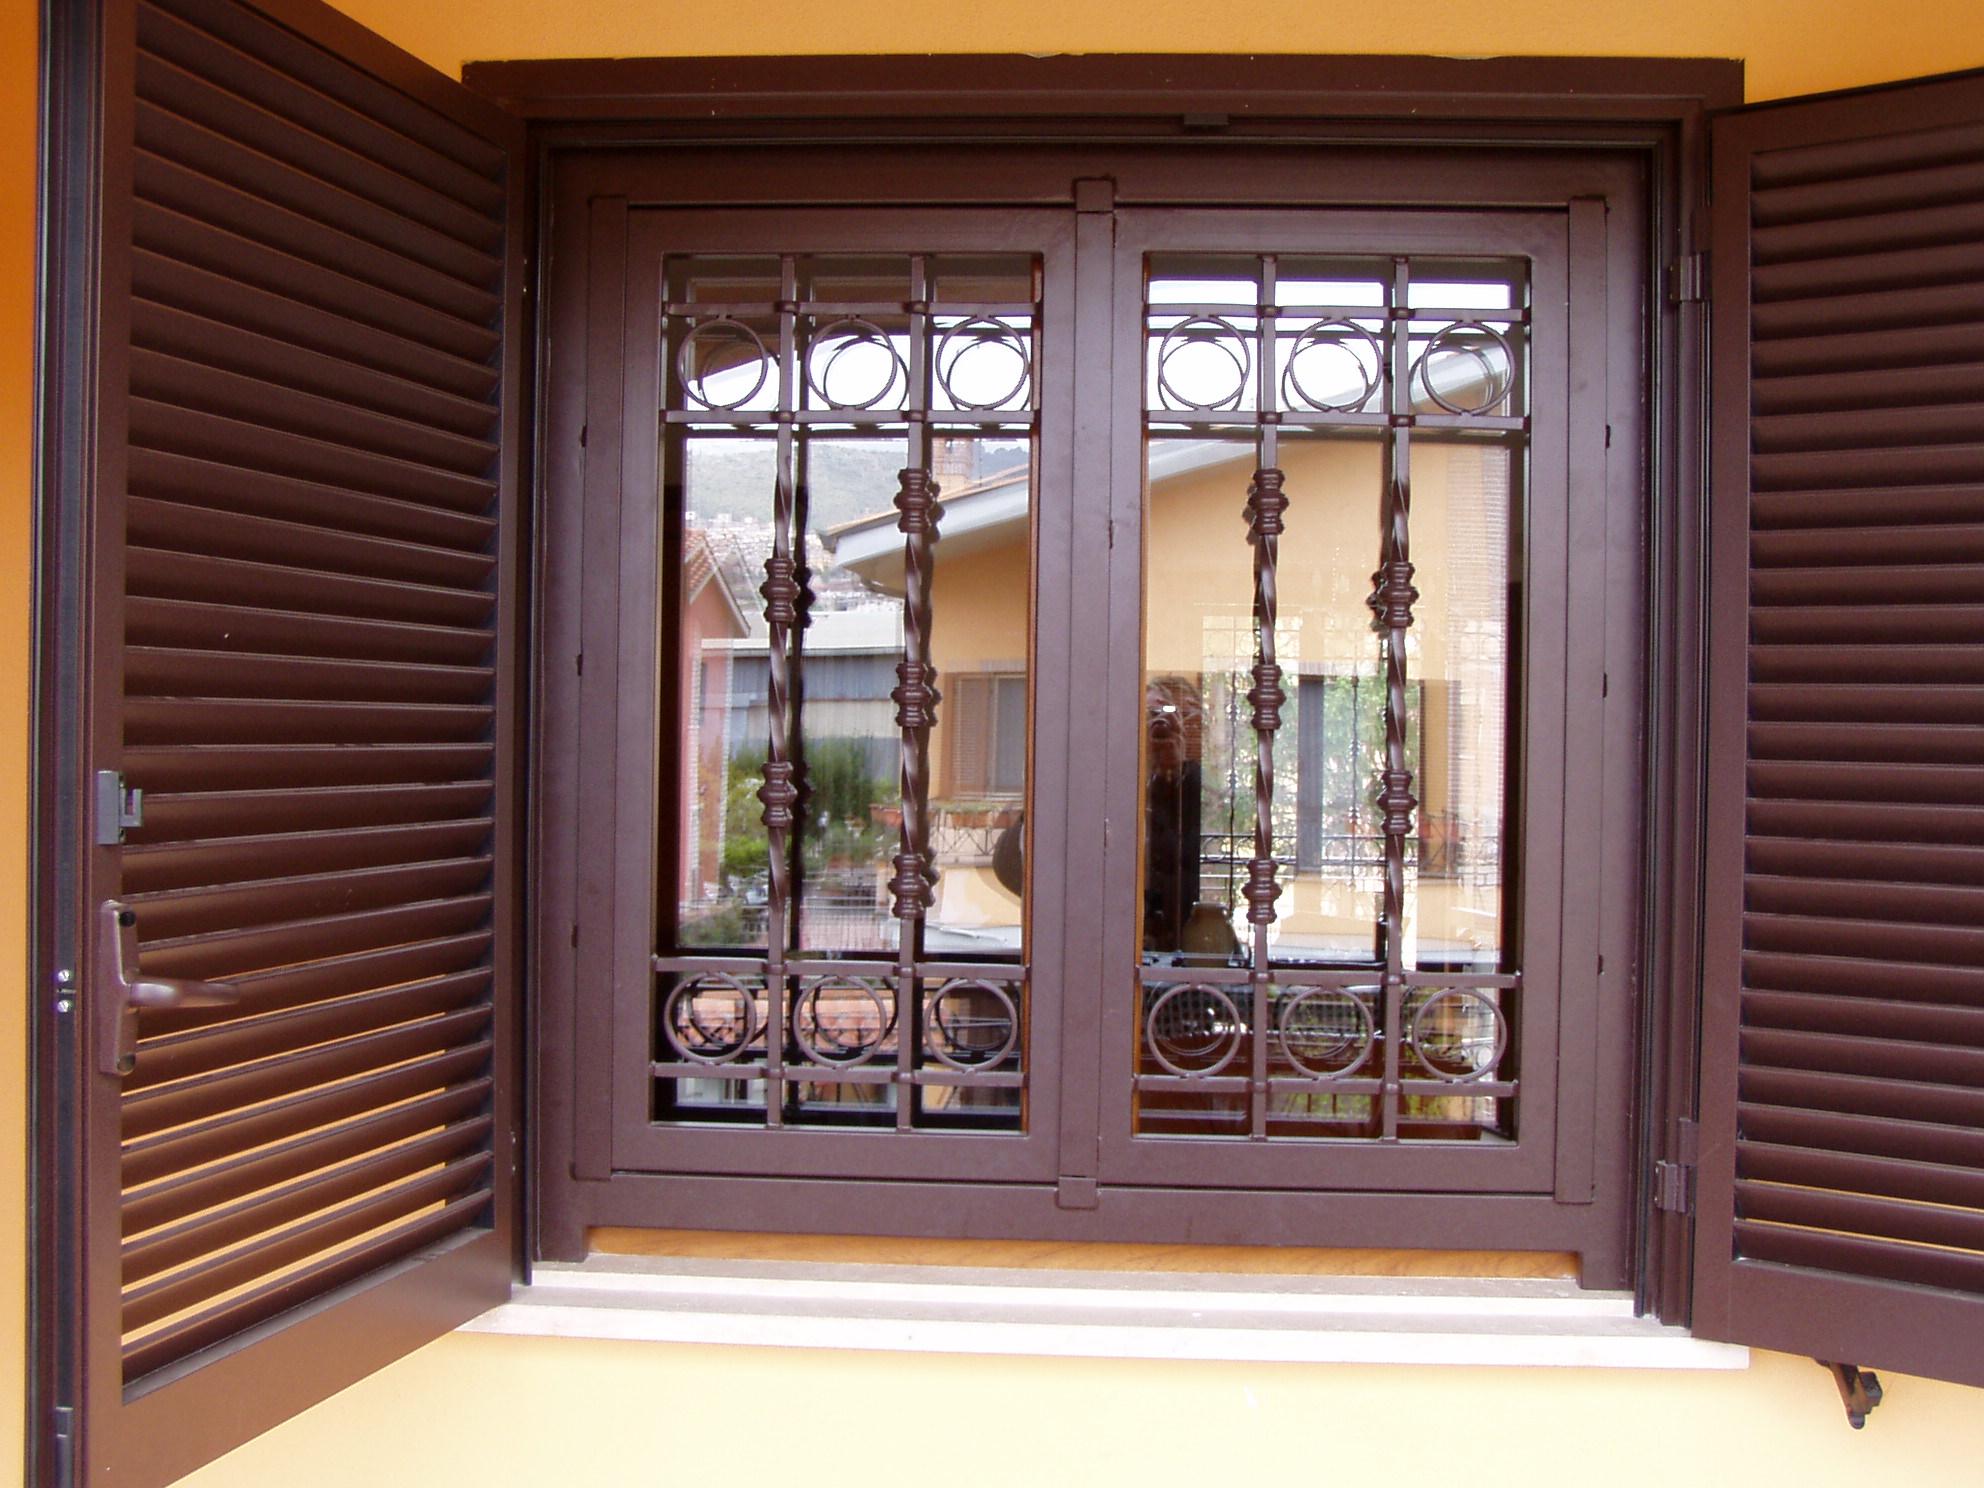 Aloisi daniele infissi in ferro e alluminio ferro - Grate per finestre a scomparsa ...